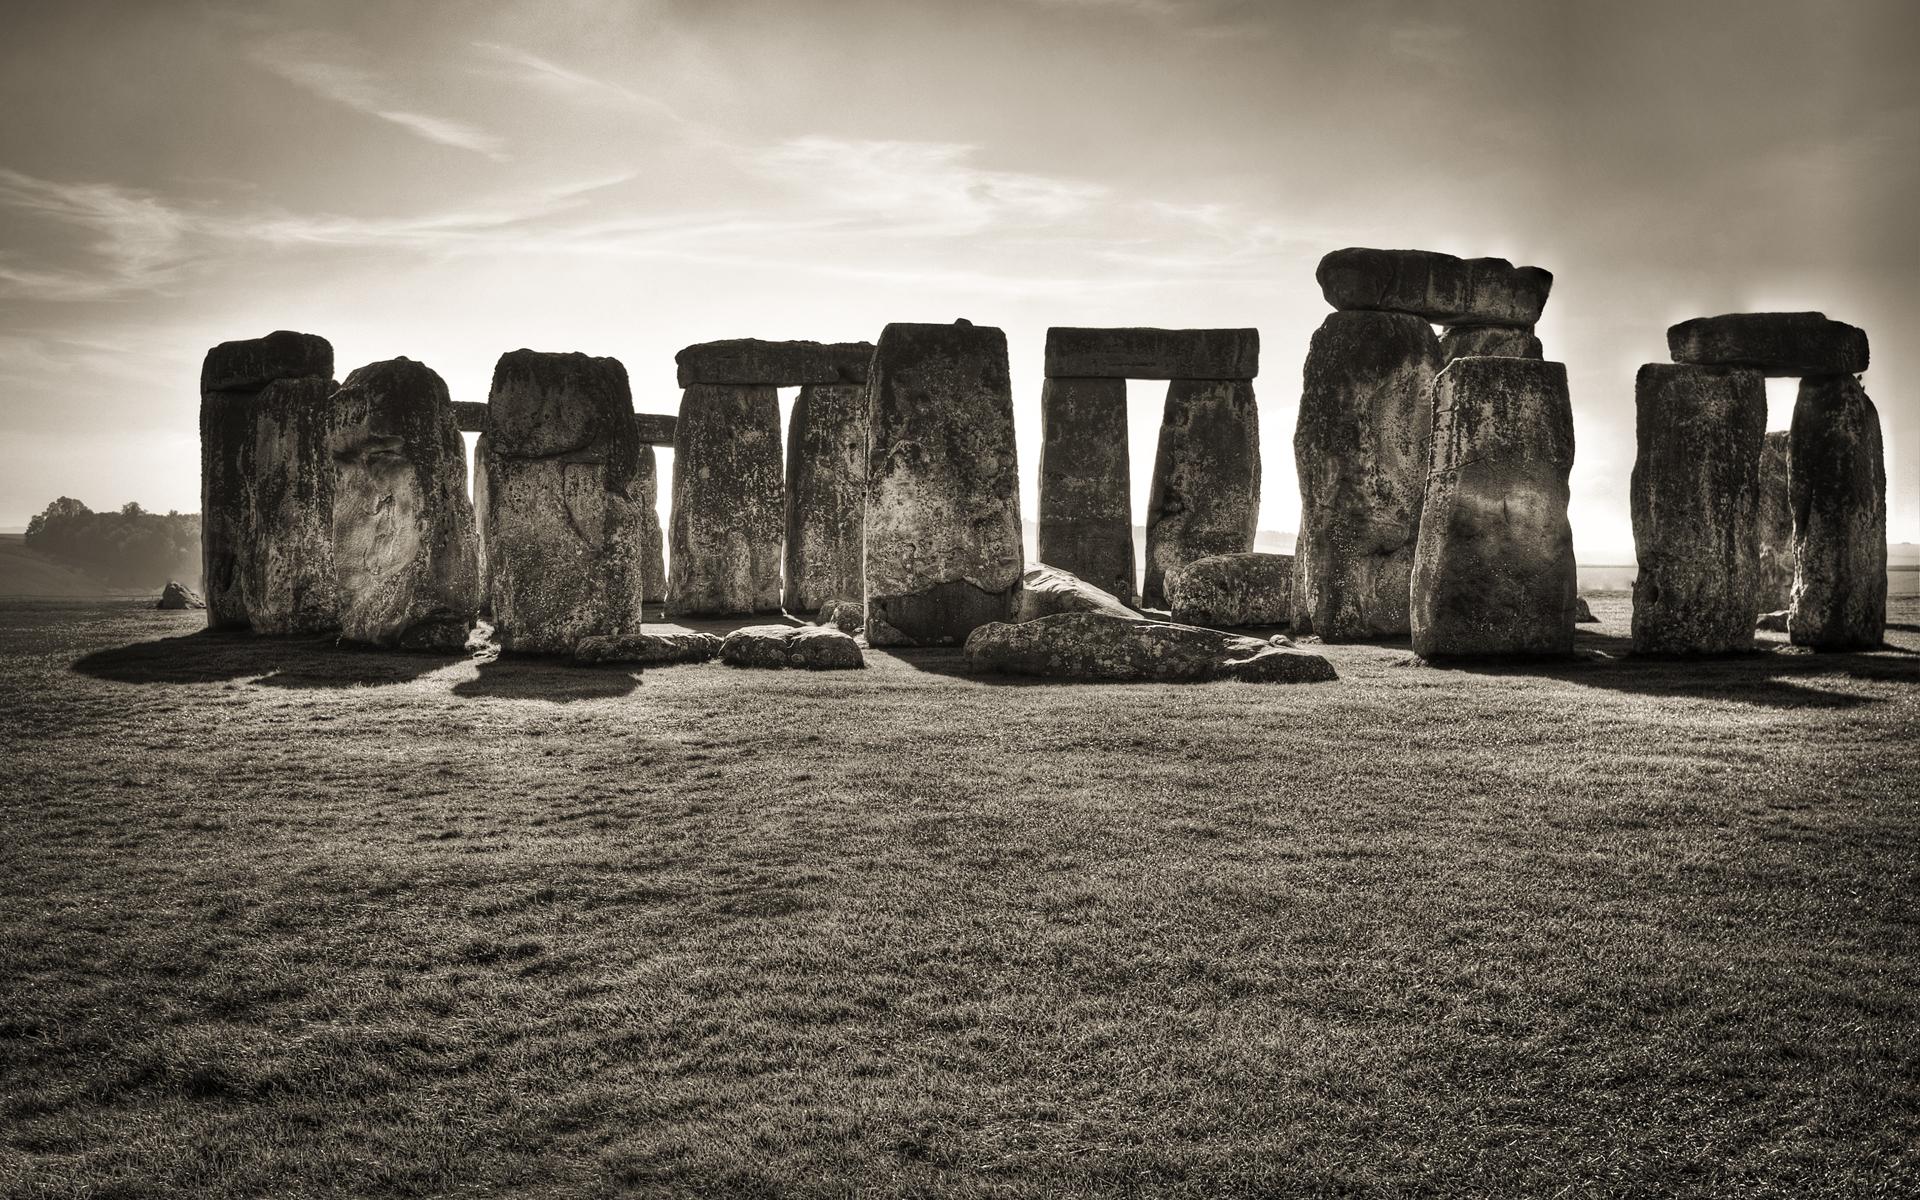 02742_stonehenge_1920x1200.jpg